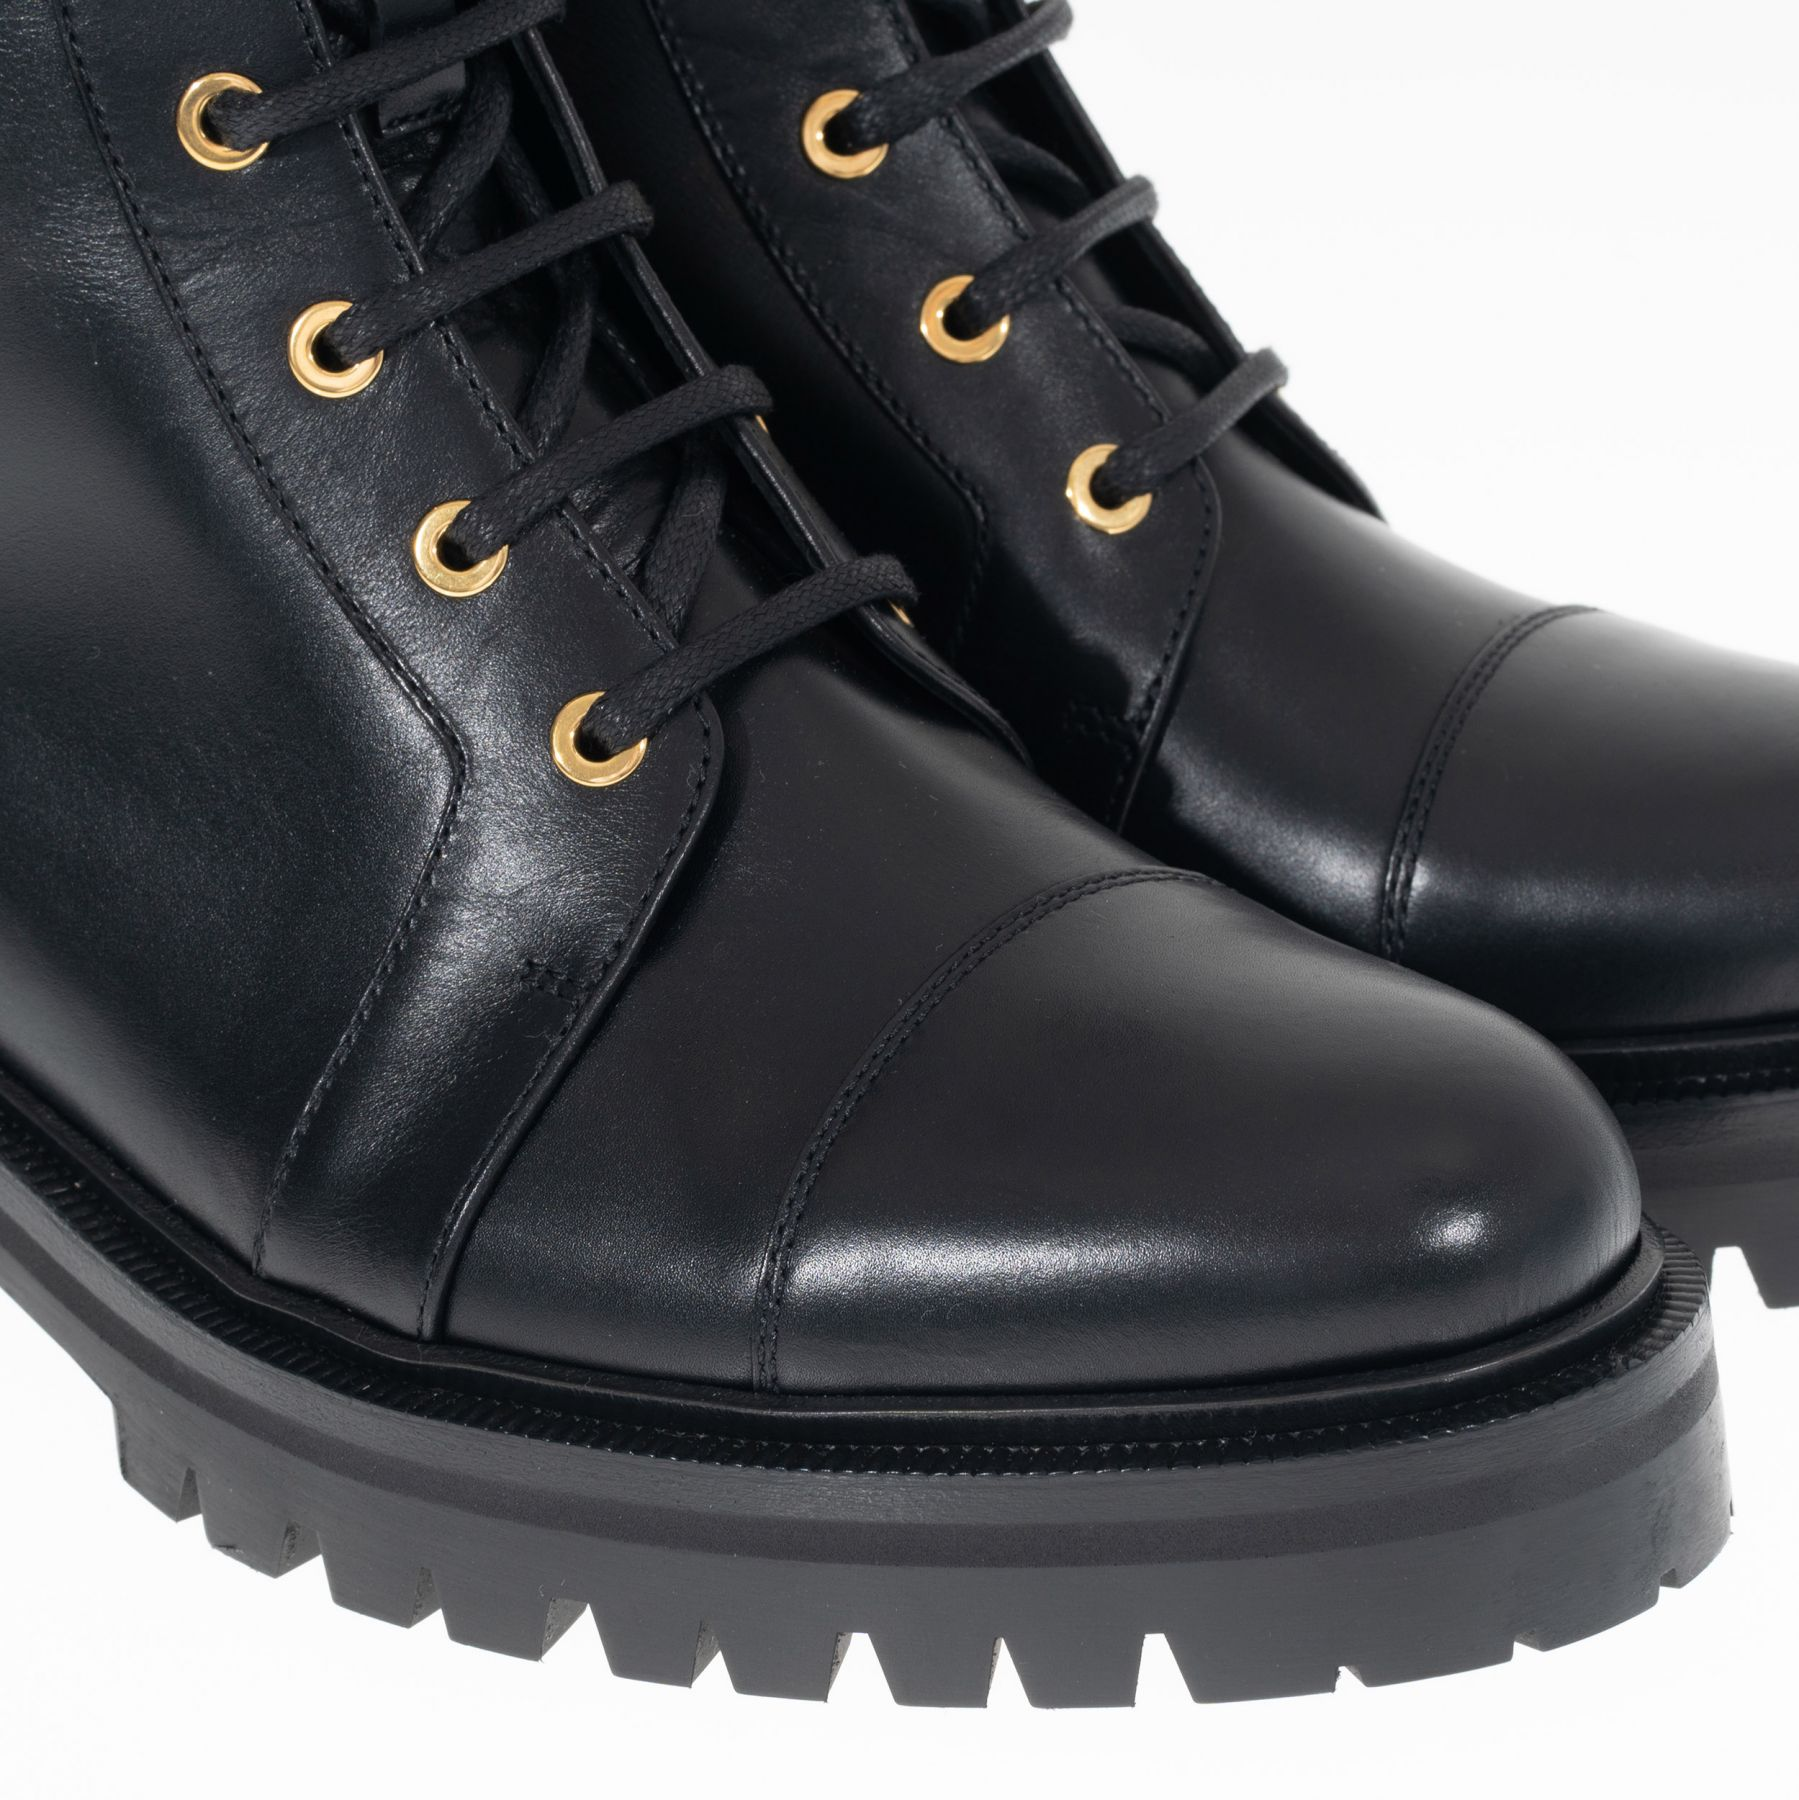 Ботинки Balmain Romy черные